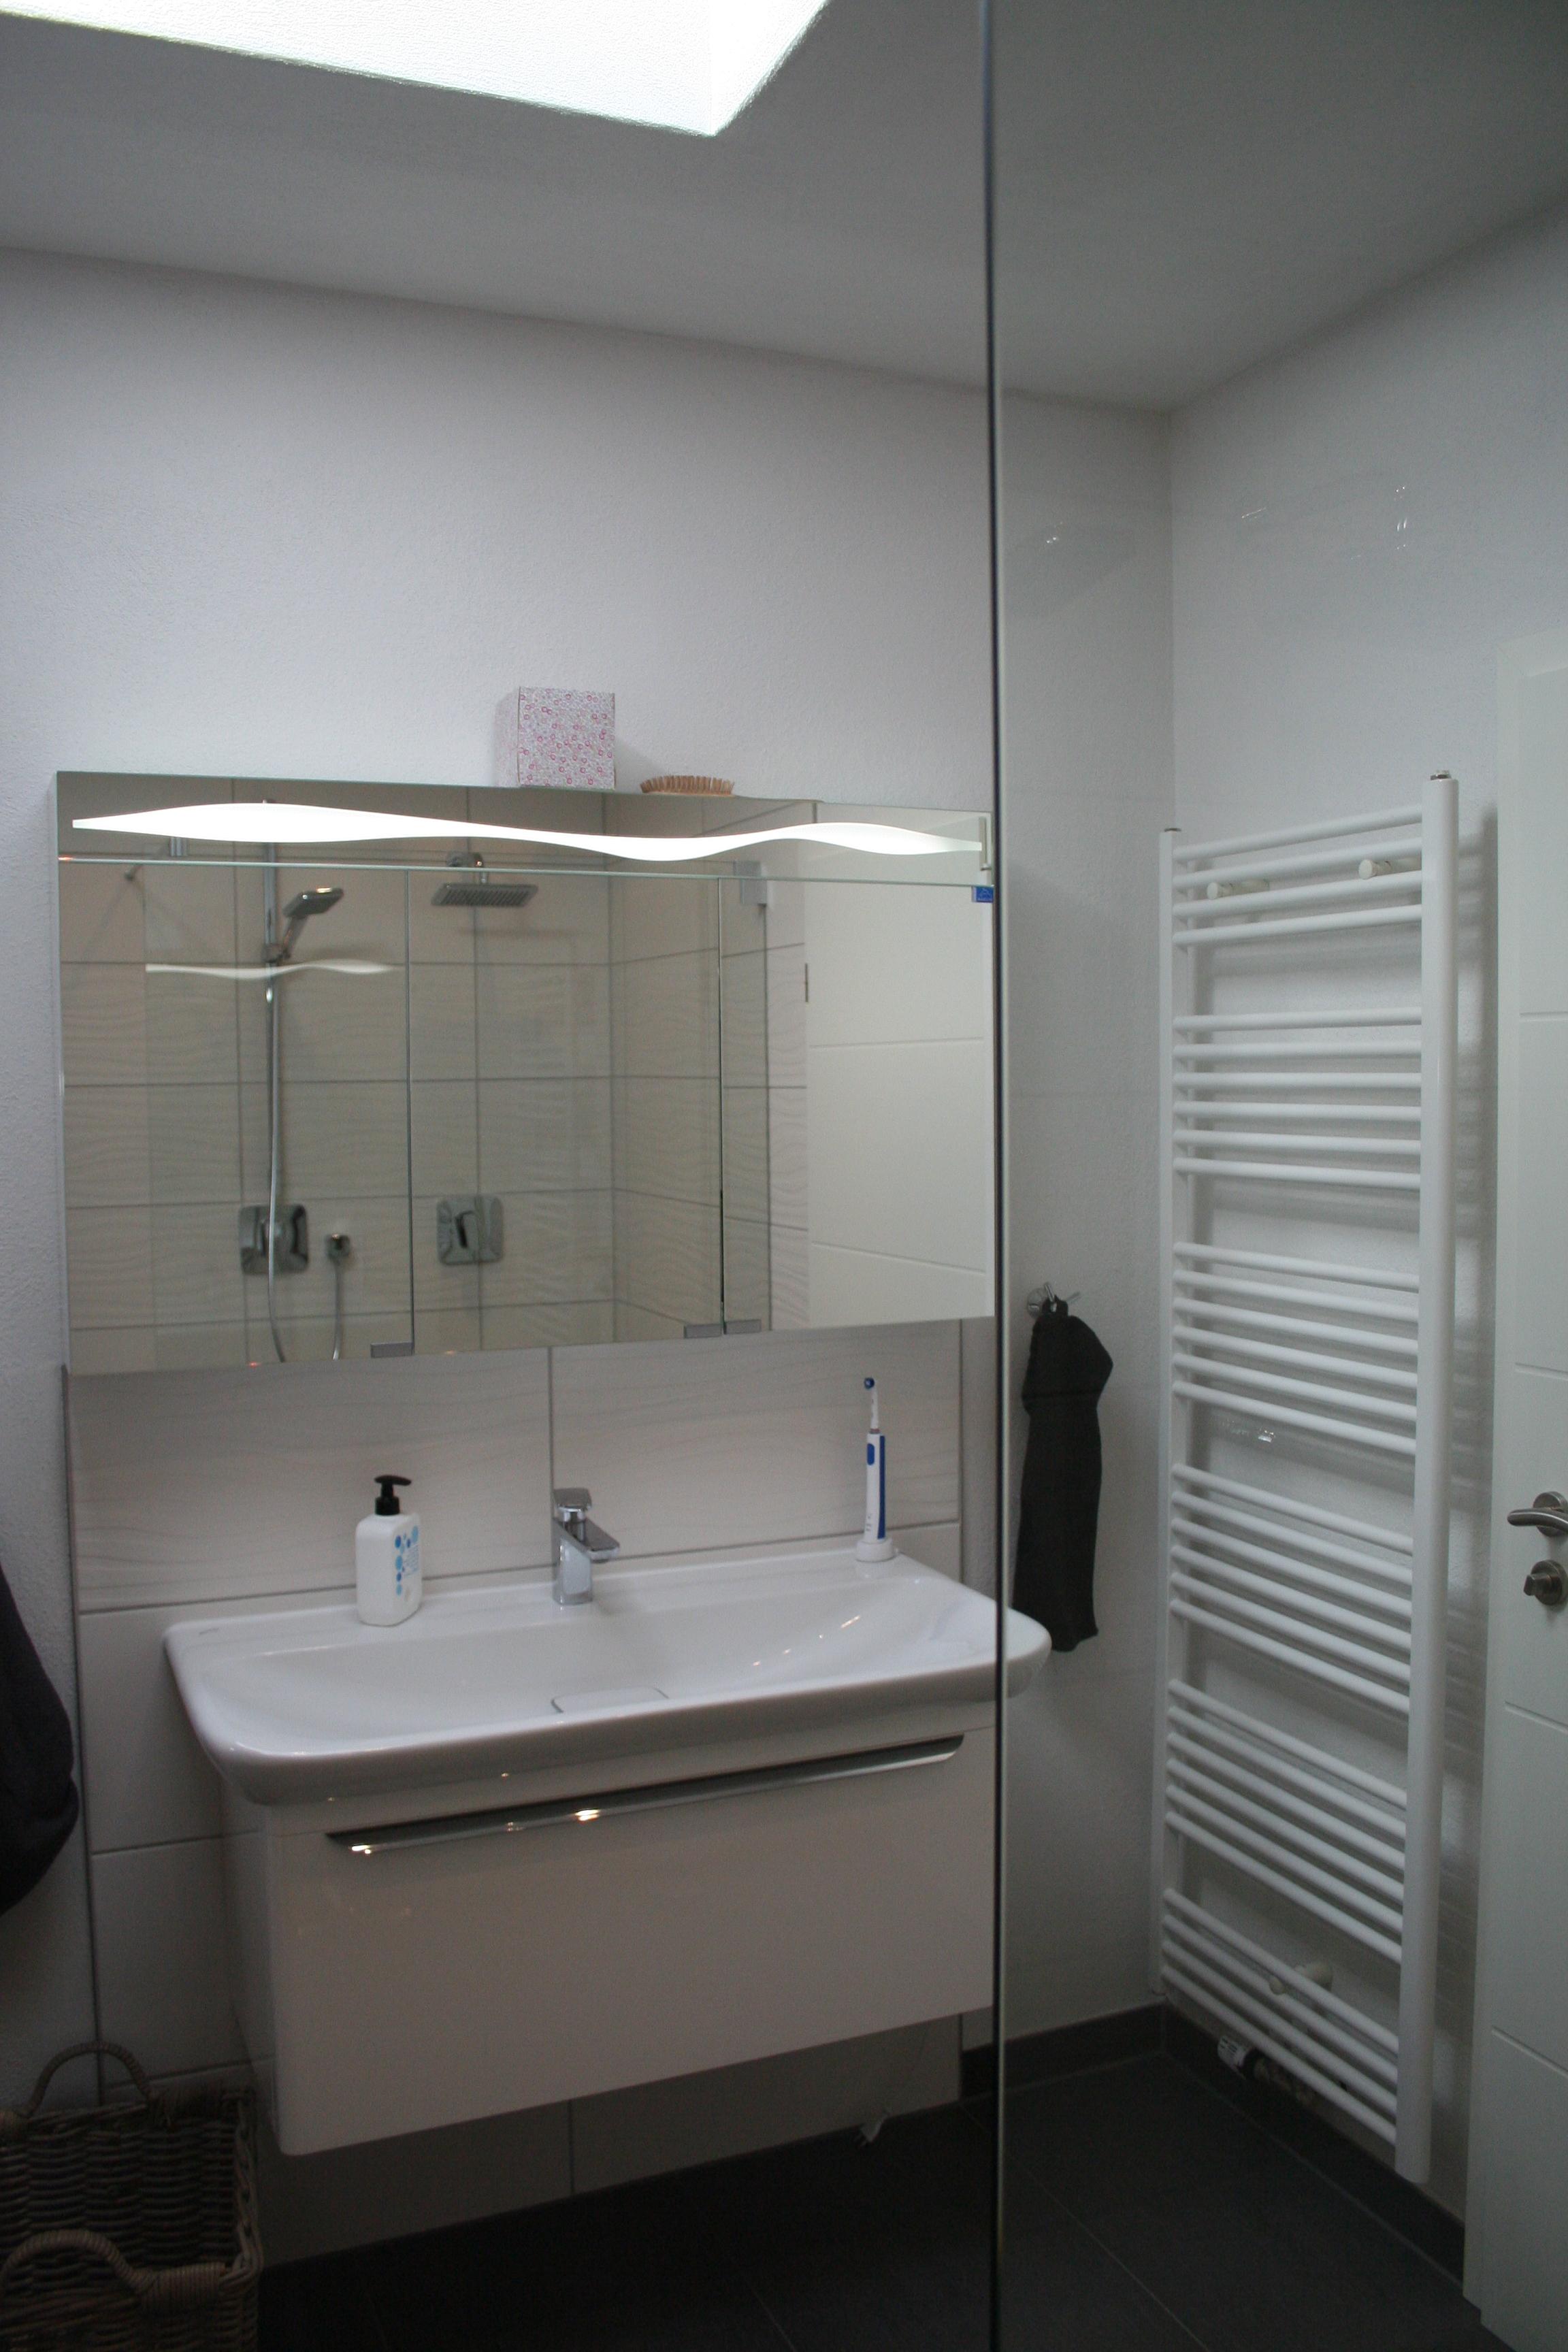 Gäste wc waschtisch keramq doppeldusche waschtischanlage